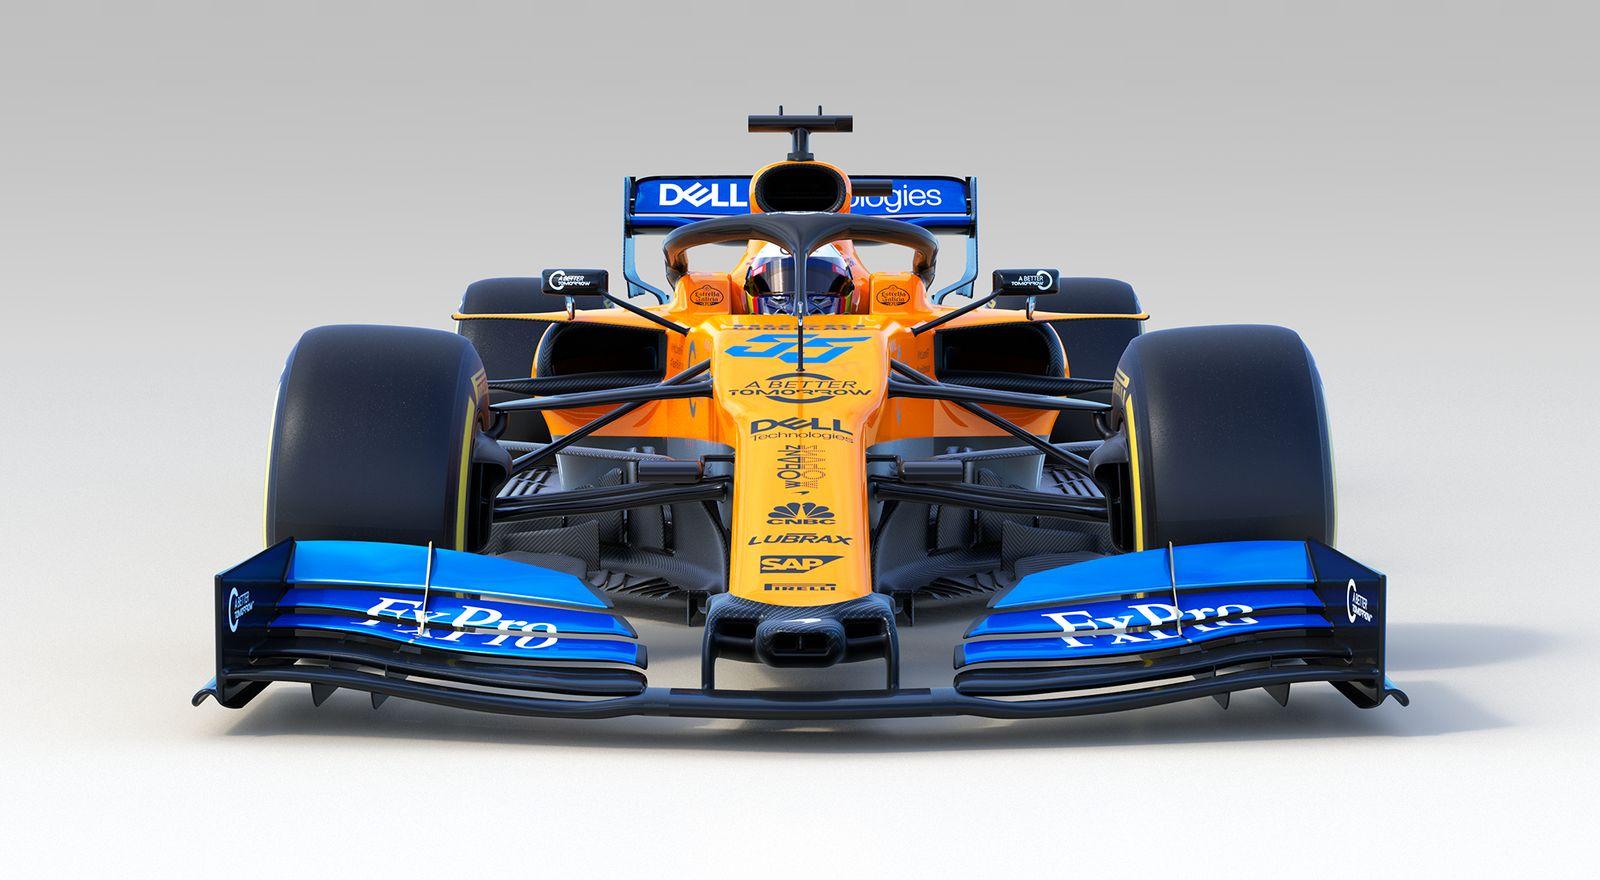 McLaren Racing F1 MCL34 3 Carscoops 1600x880